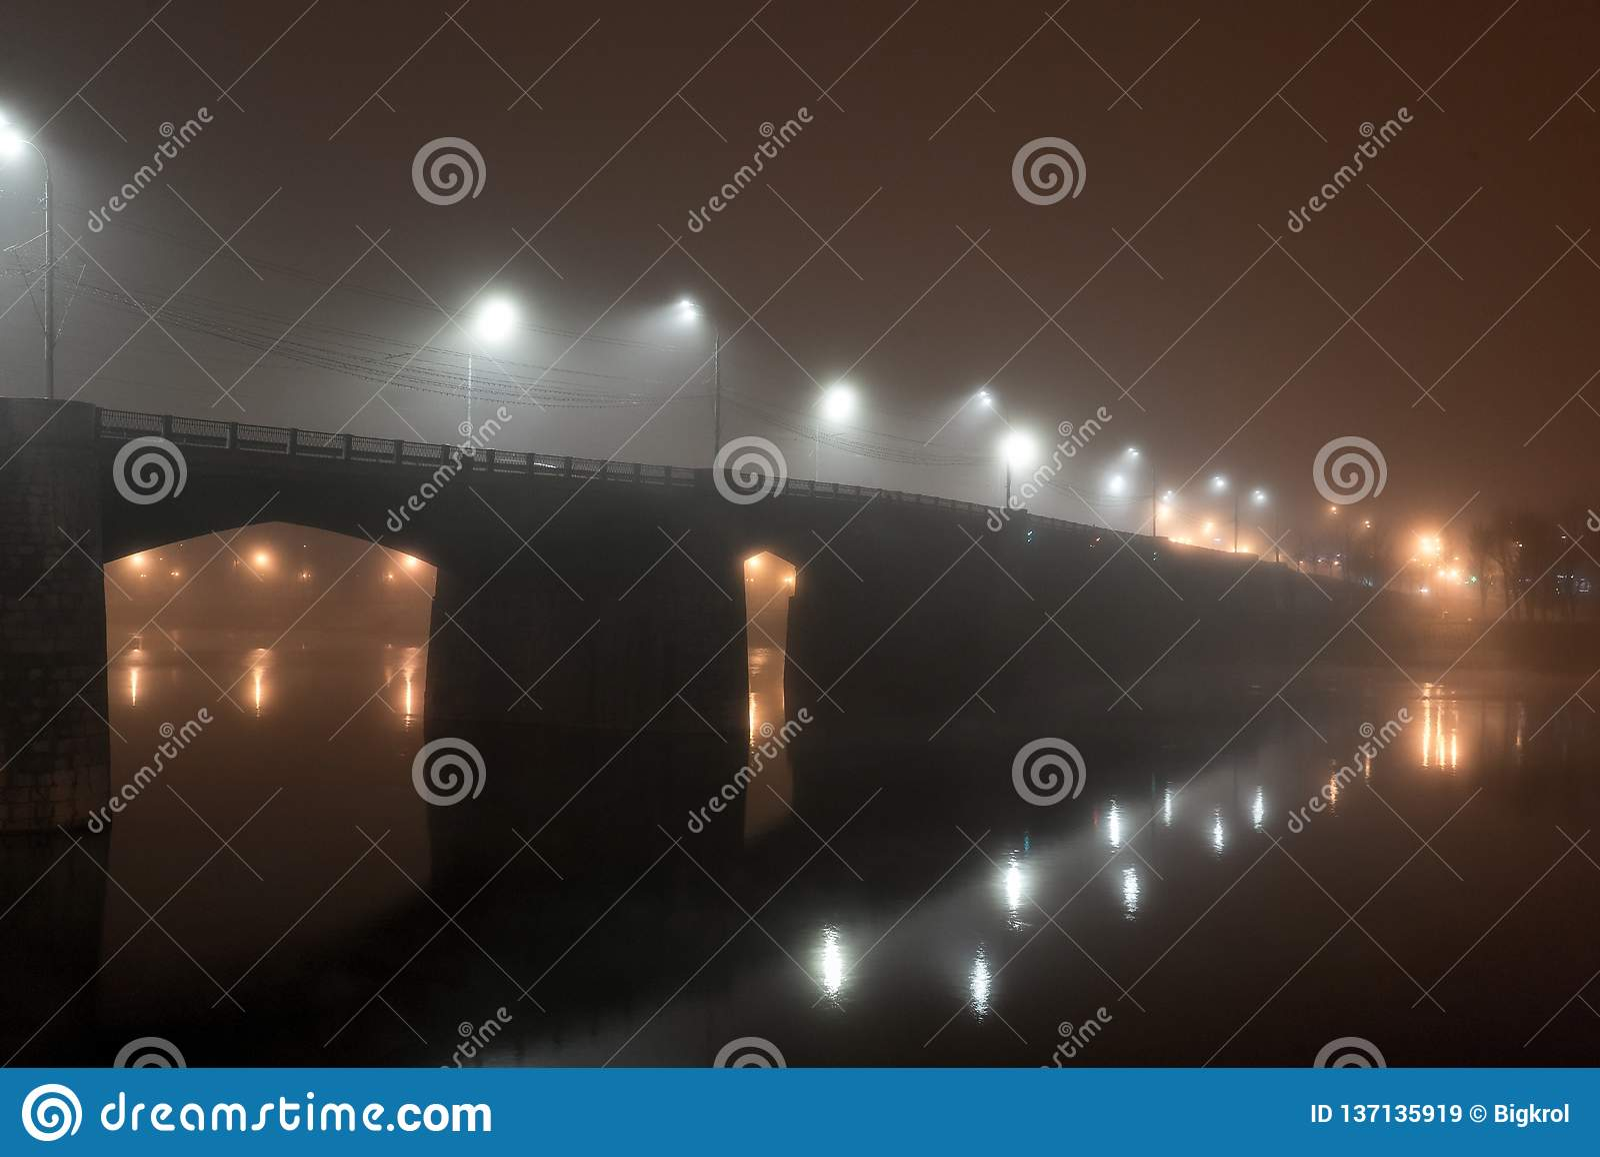 Мост дороги города через реку в густом тумане вечером загоренном фонариками